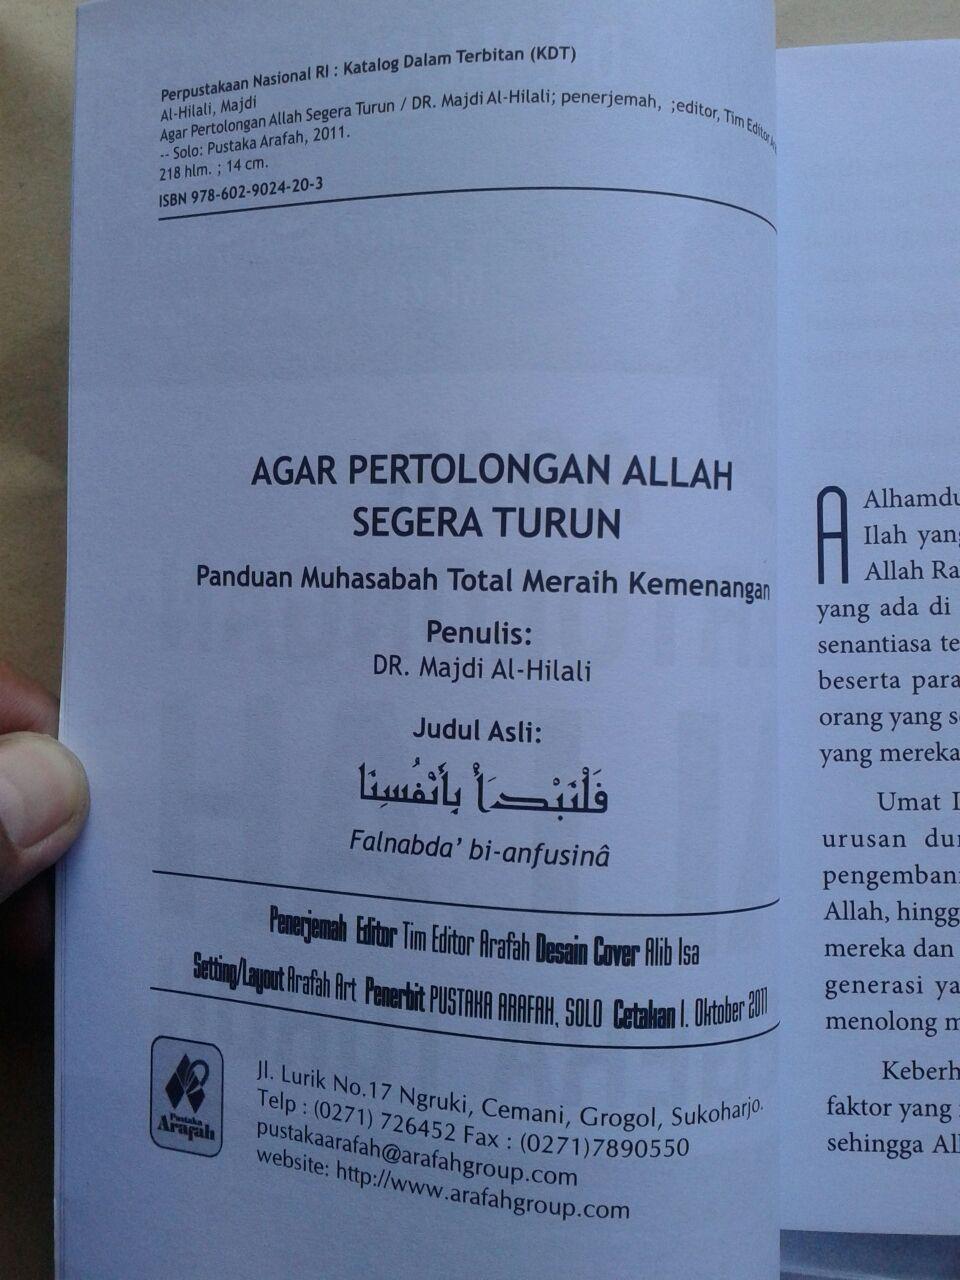 Buku Agar Pertolongan Allah Segera Turun 35.000 15% 29.750 Pustaka Arafah isi 3